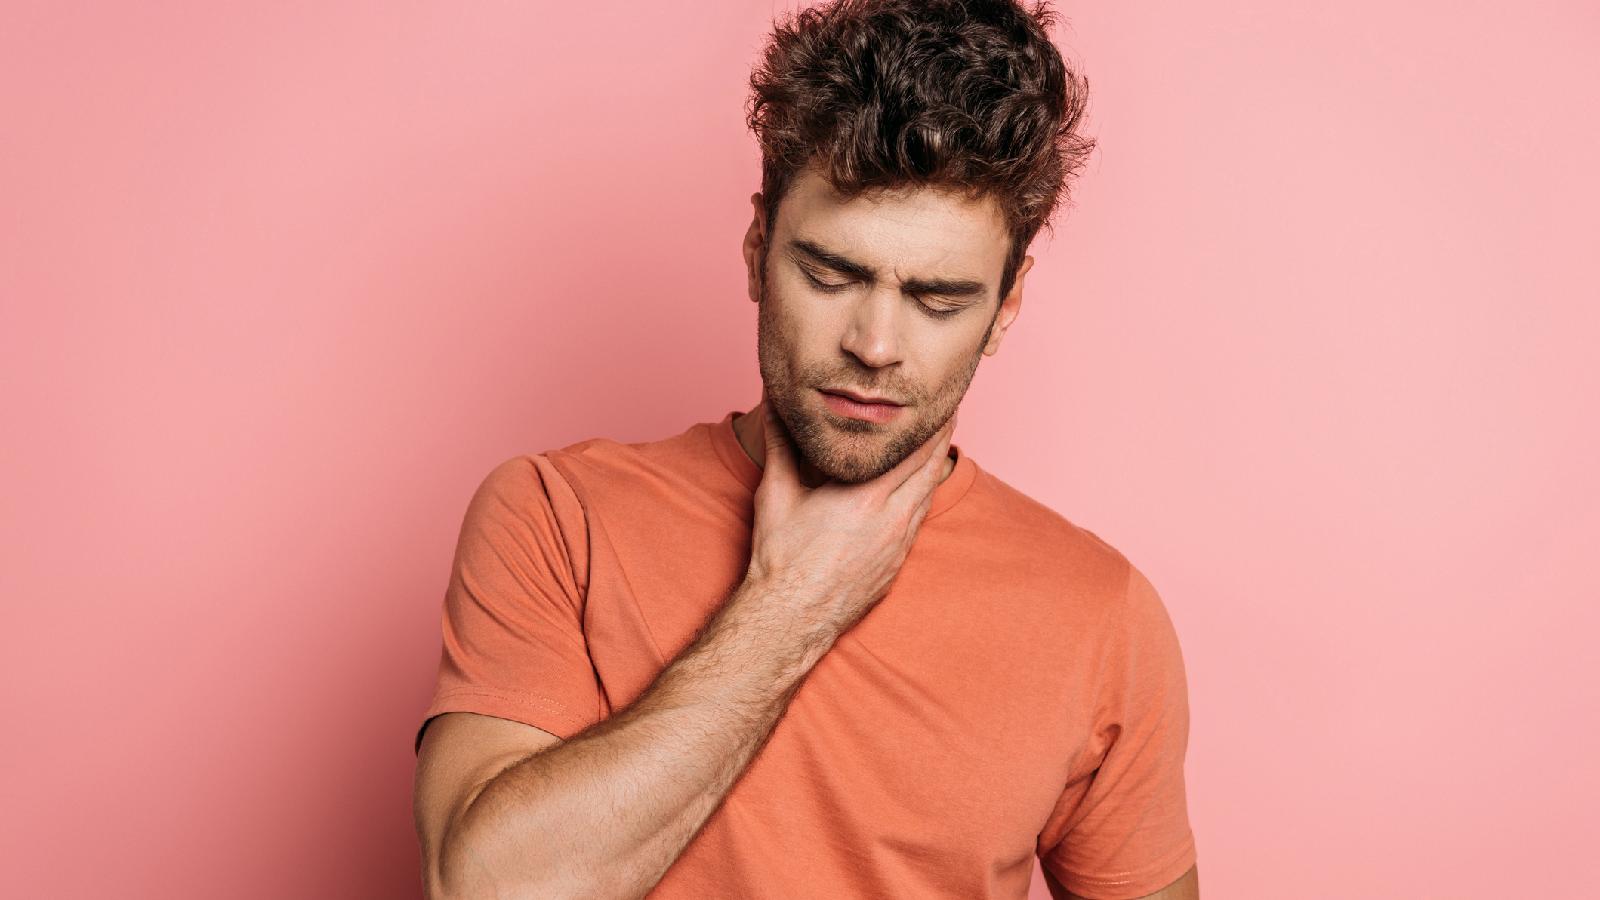 Diese Hausmittel helfen gegen Halsschmerzen